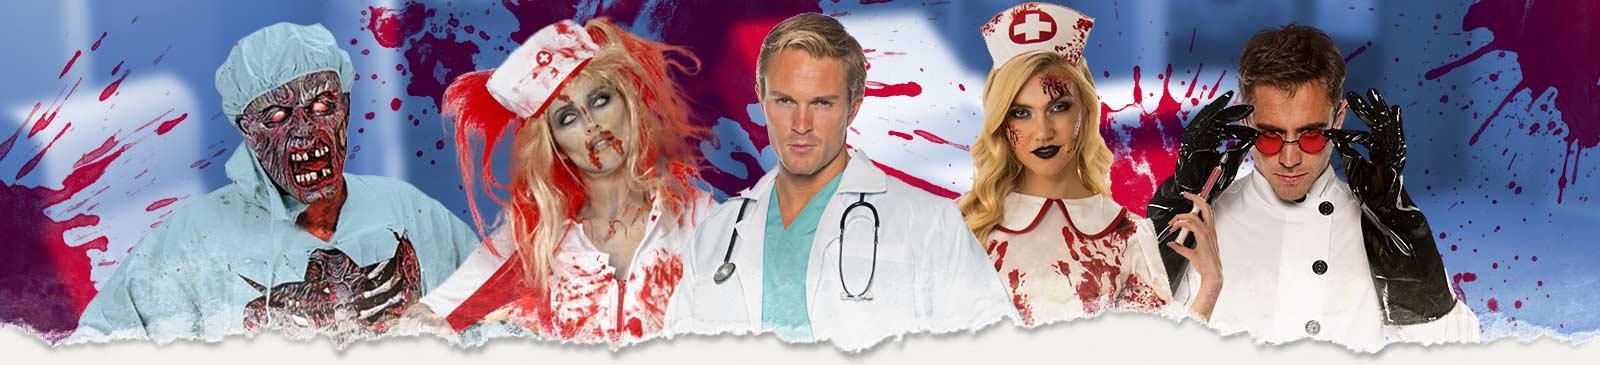 Krankenschwester Kostüm & Arzt Kostüm